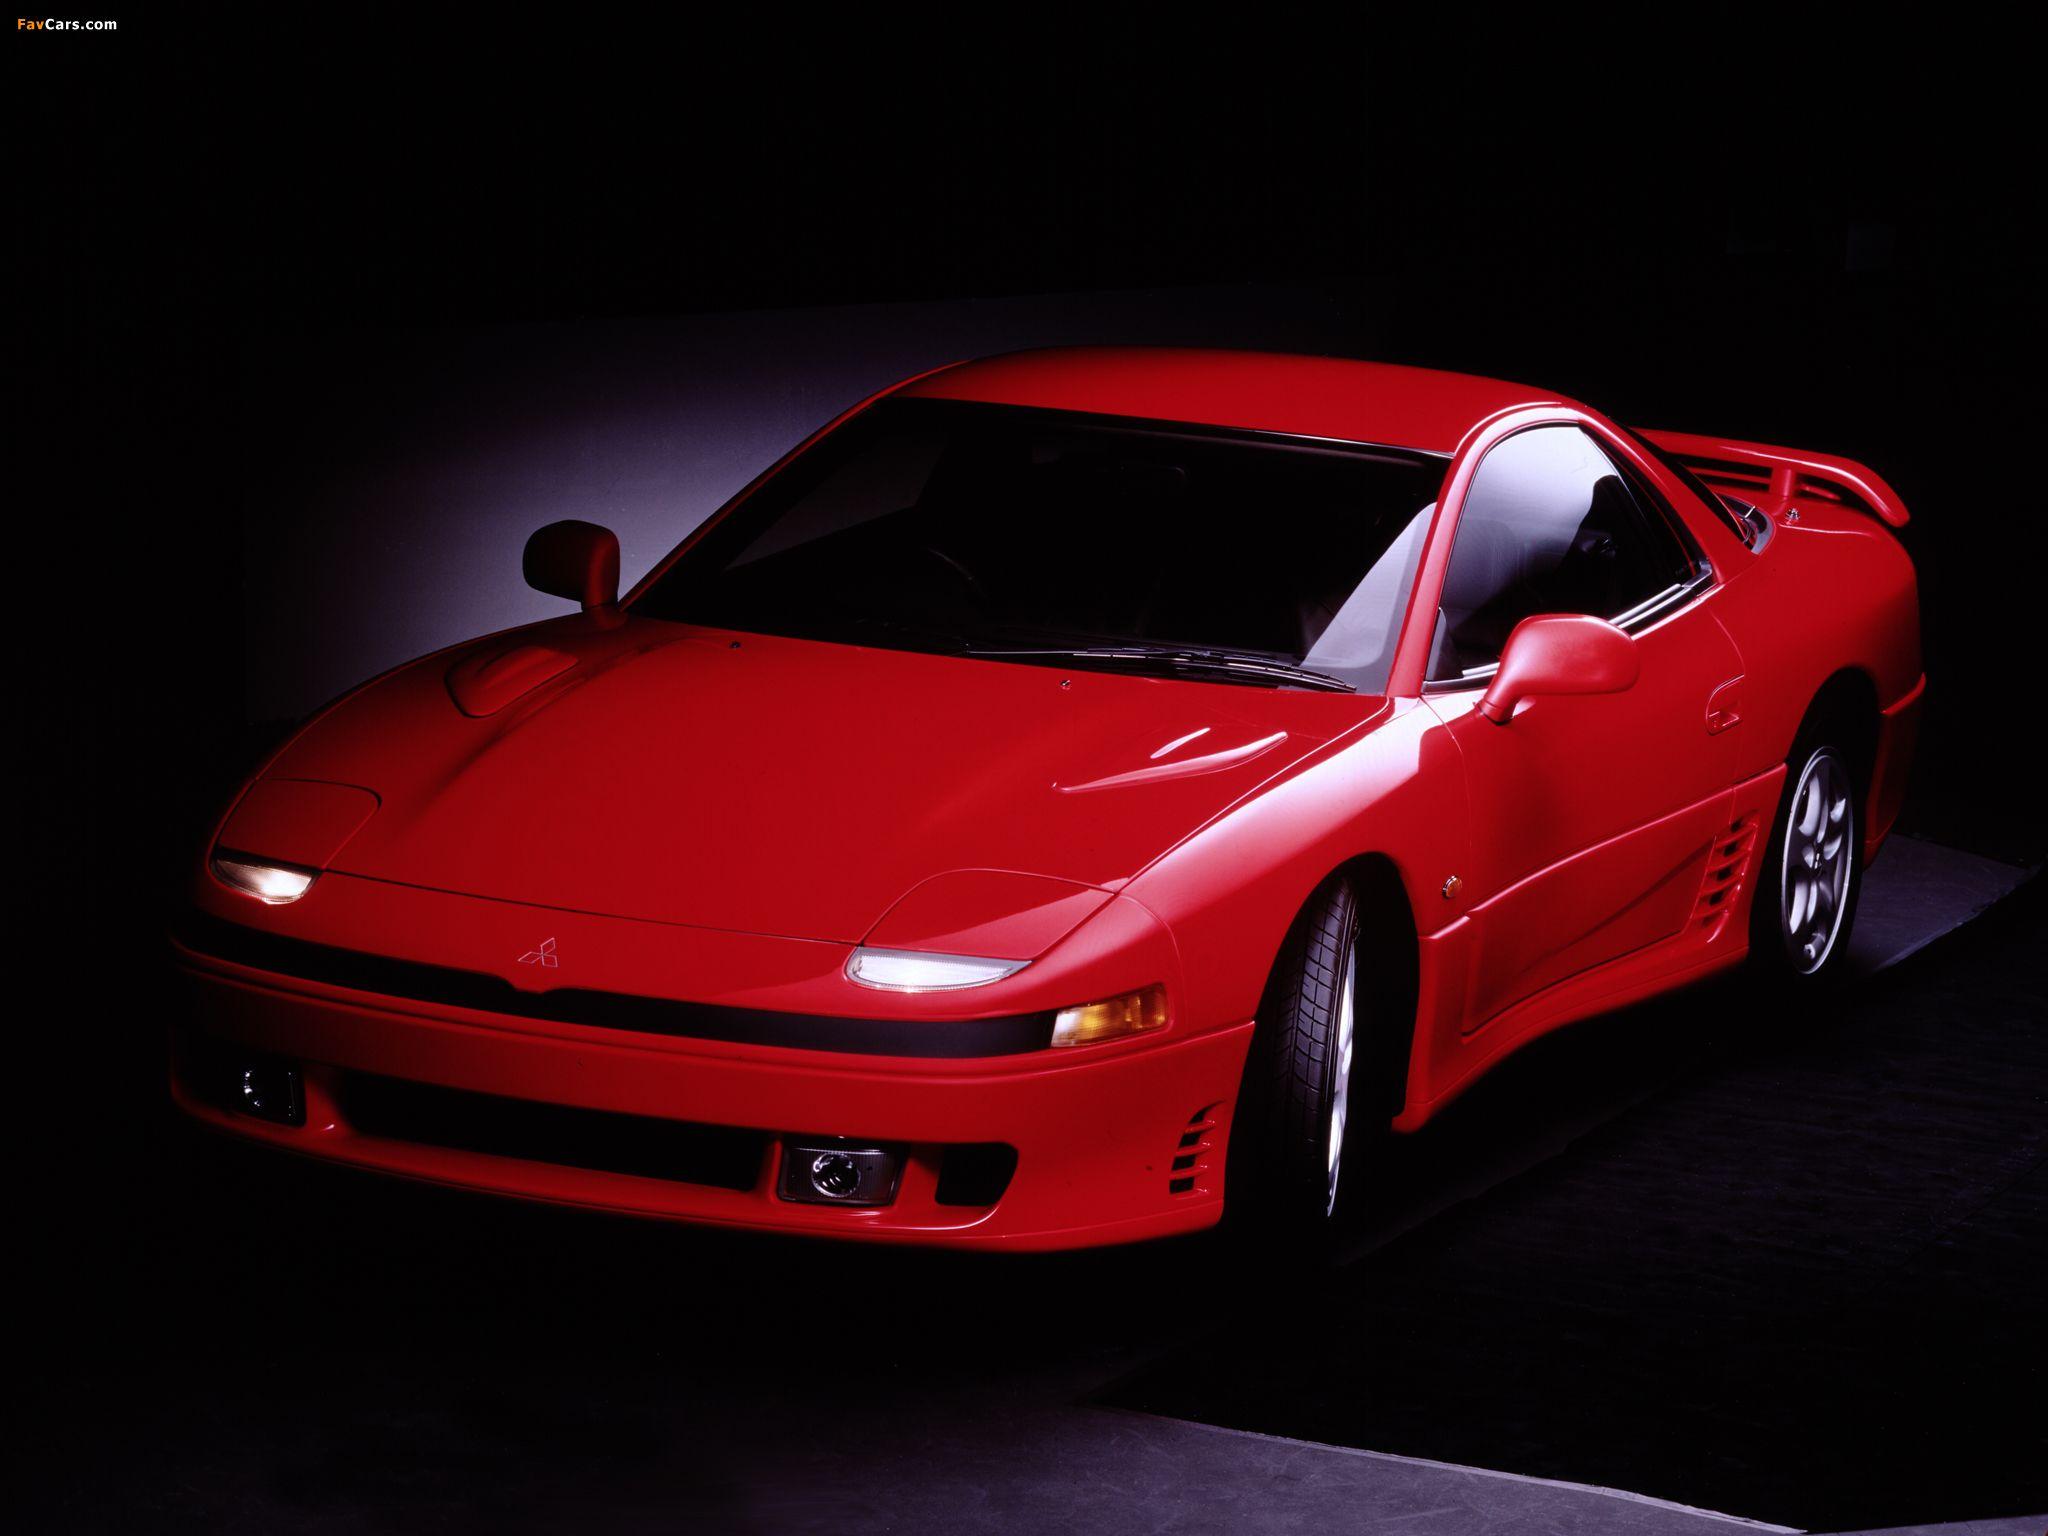 Photos of Mitsubishi GTO 199093 Mitsubishi cars, Gto